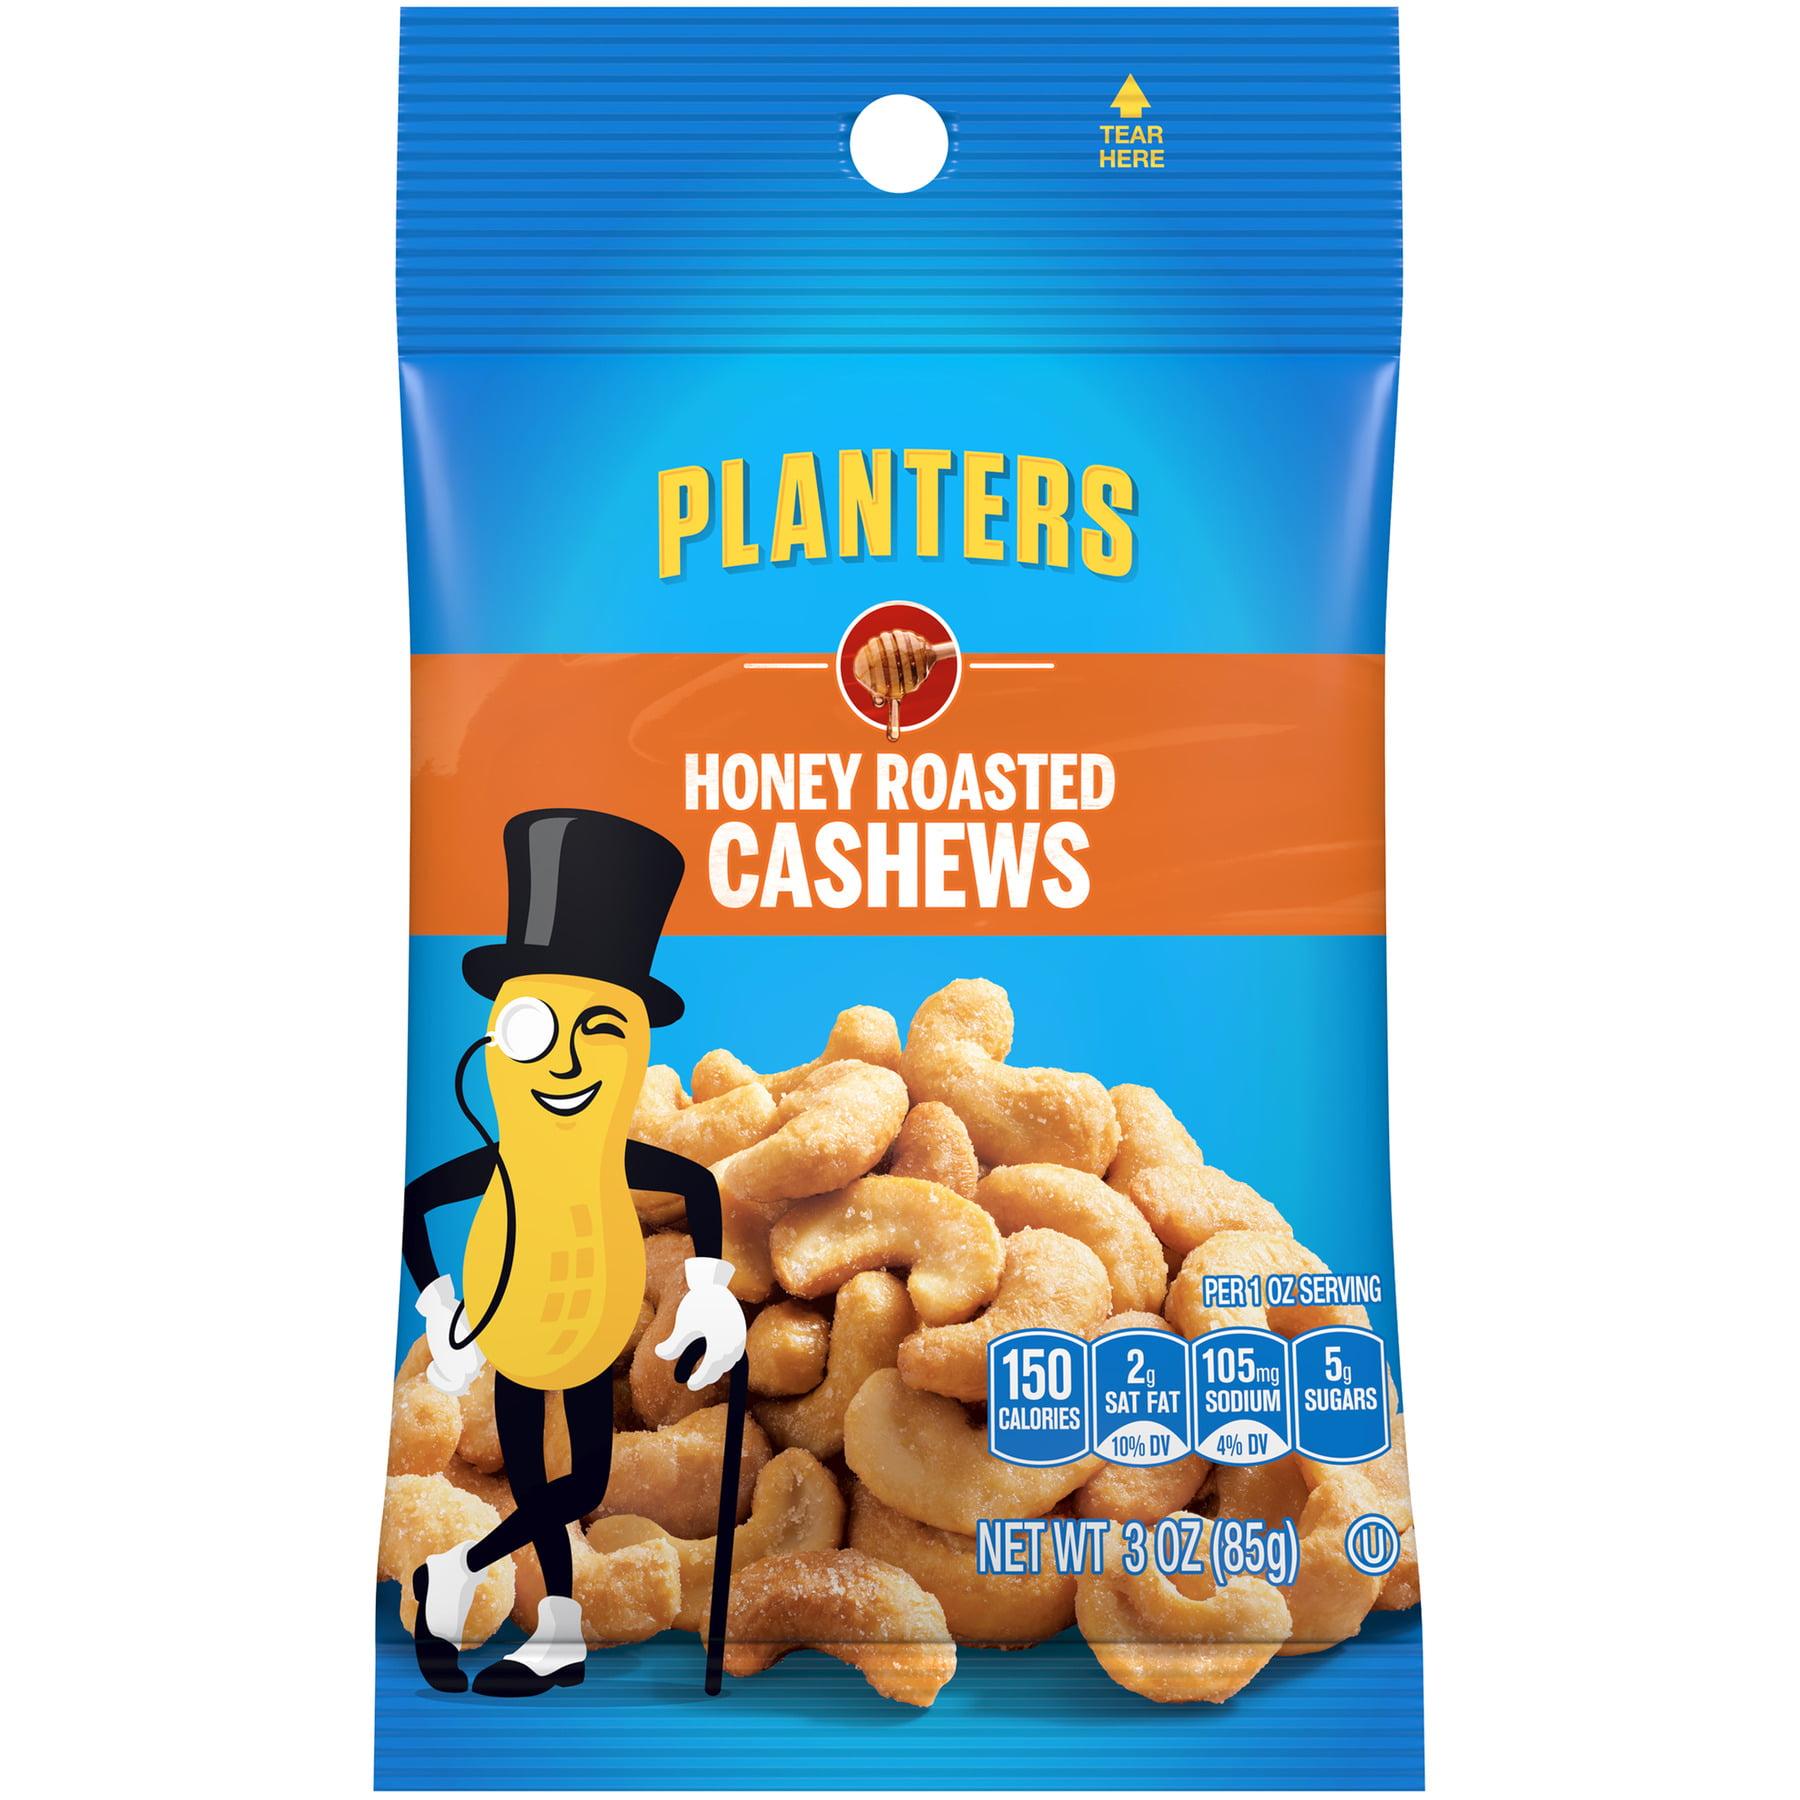 Planters Cashews Honey Roasted, 3.0 OZ